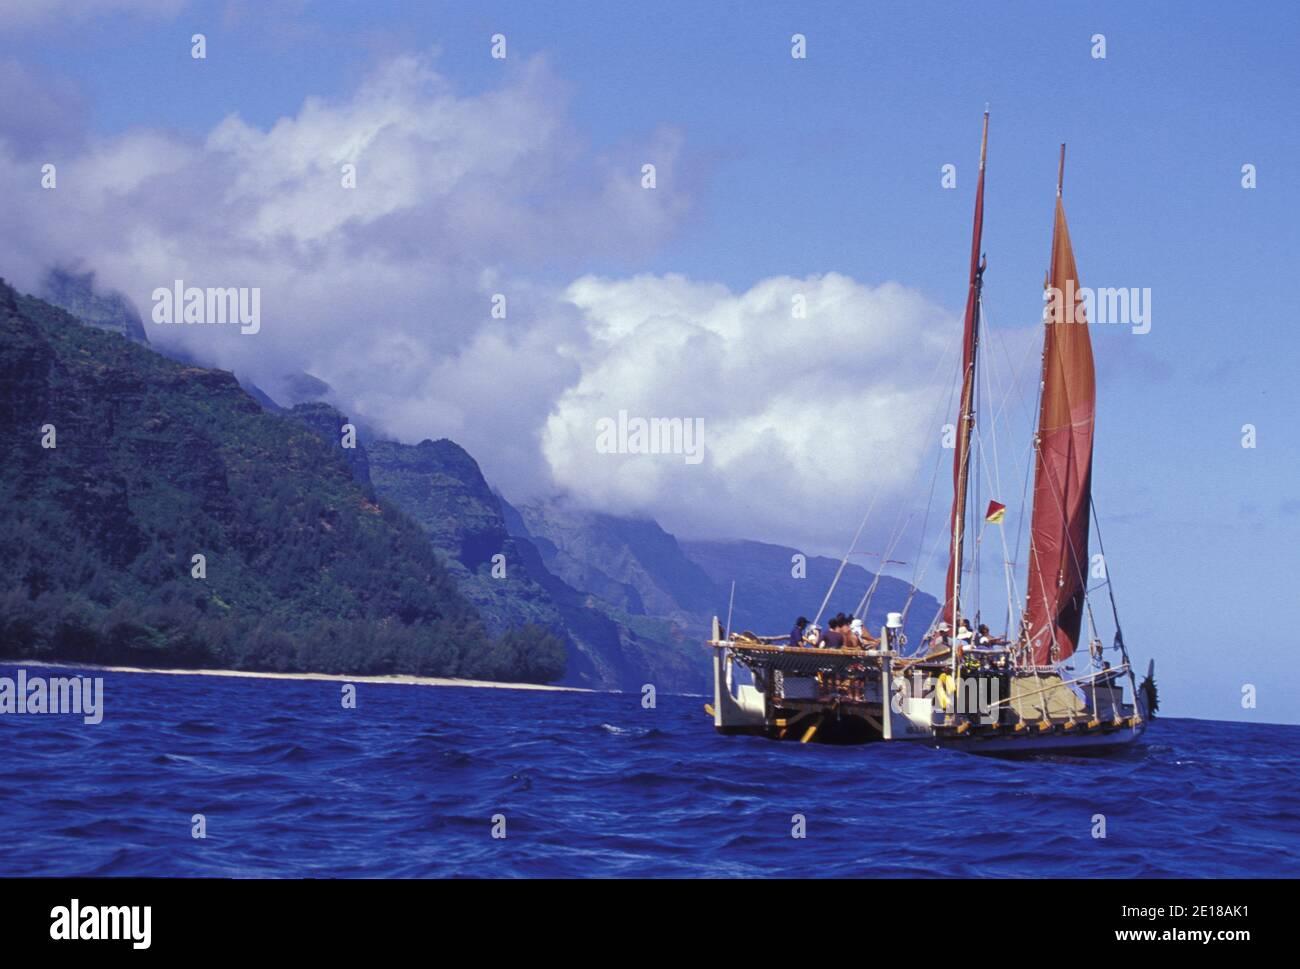 Hokulea, una tradicional canoa hawaiana de doble casco, zarpa de la costa Na Pali para el viaje a las islas hawaianas del noroeste Foto de stock